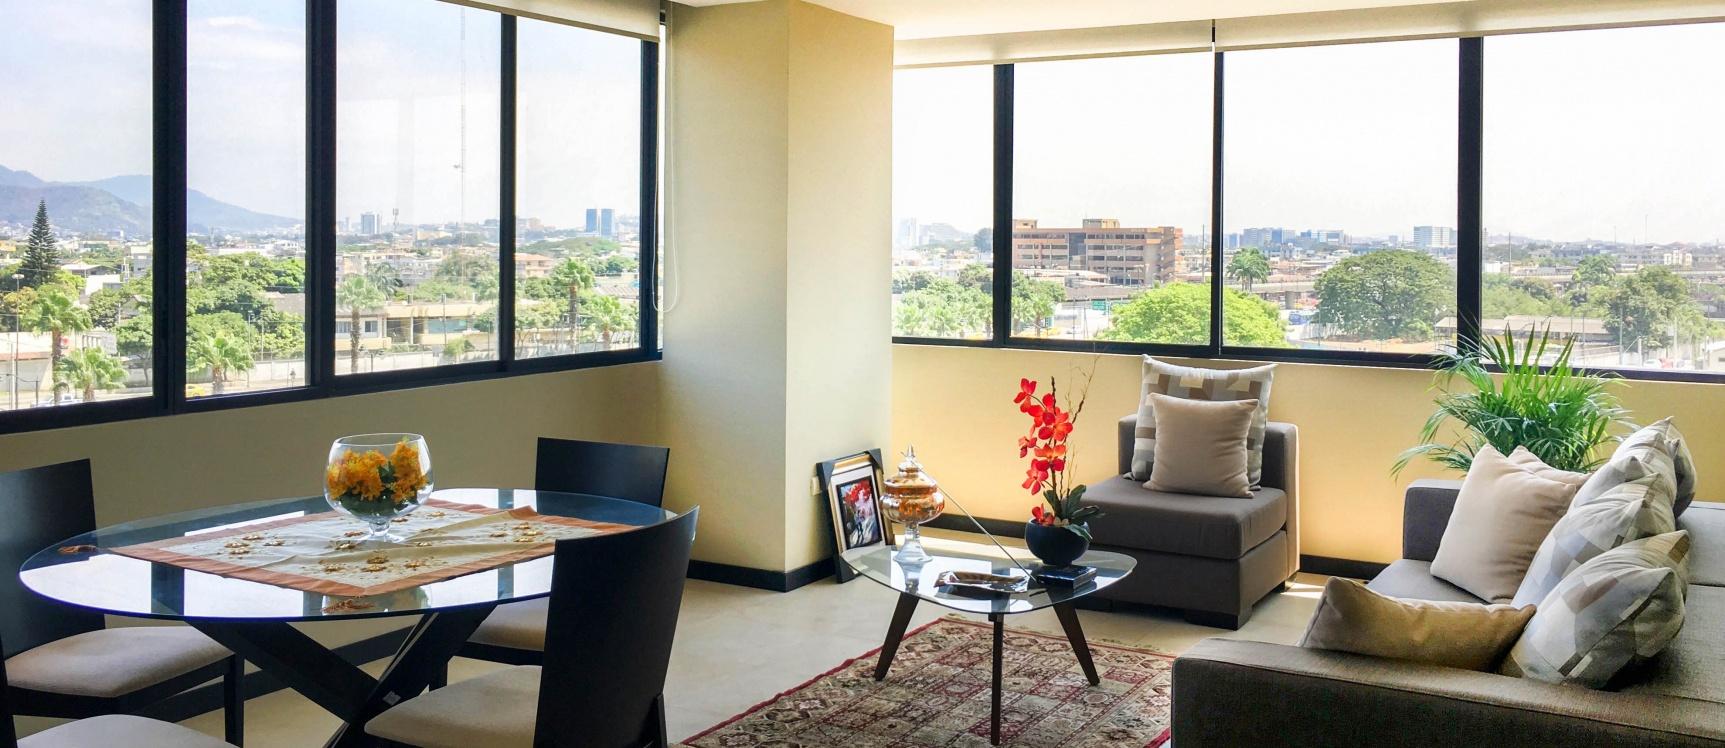 GeoBienes - Departamento en alquiler de 2 dormitorios en Bellini Guayaquil. - Plusvalia Guayaquil Casas de venta y alquiler Inmobiliaria Ecuador